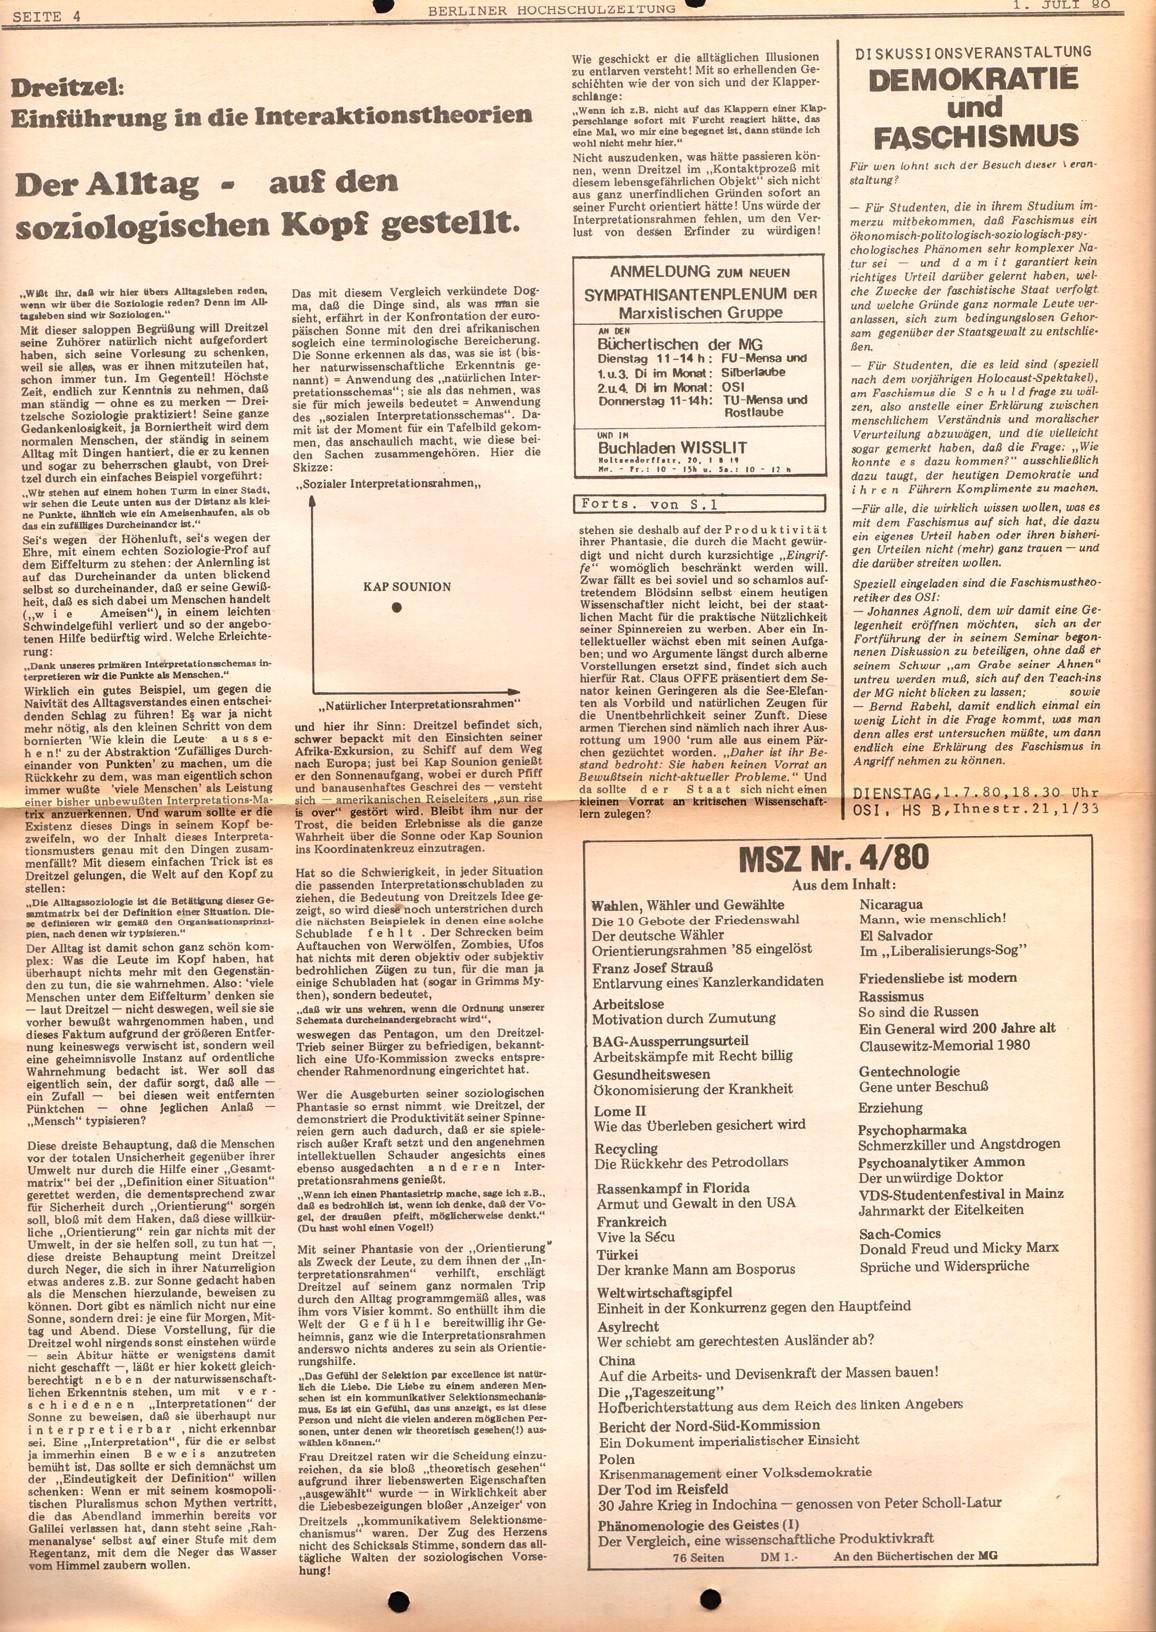 Berlin_MG_Hochschulzeitung_19800701_04